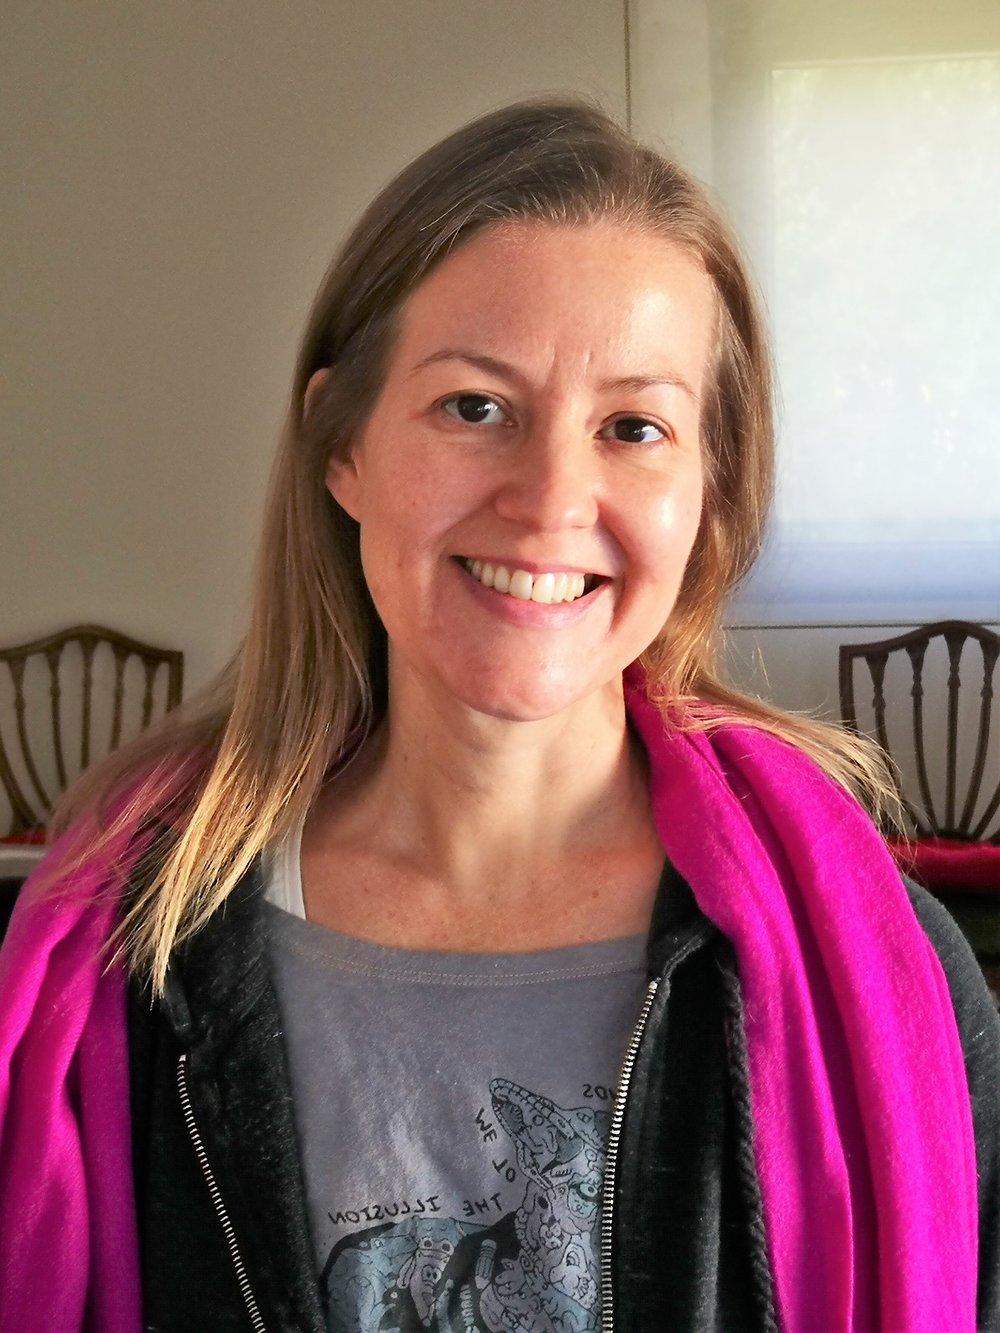 - Amanda Bradley, Terapeuta certificada para drenaje linfático con XP2 y experta en fitoterapia.Vicepresidenta de la Asociación Cultural La Reposada, espacio Holístico para el Bienestar